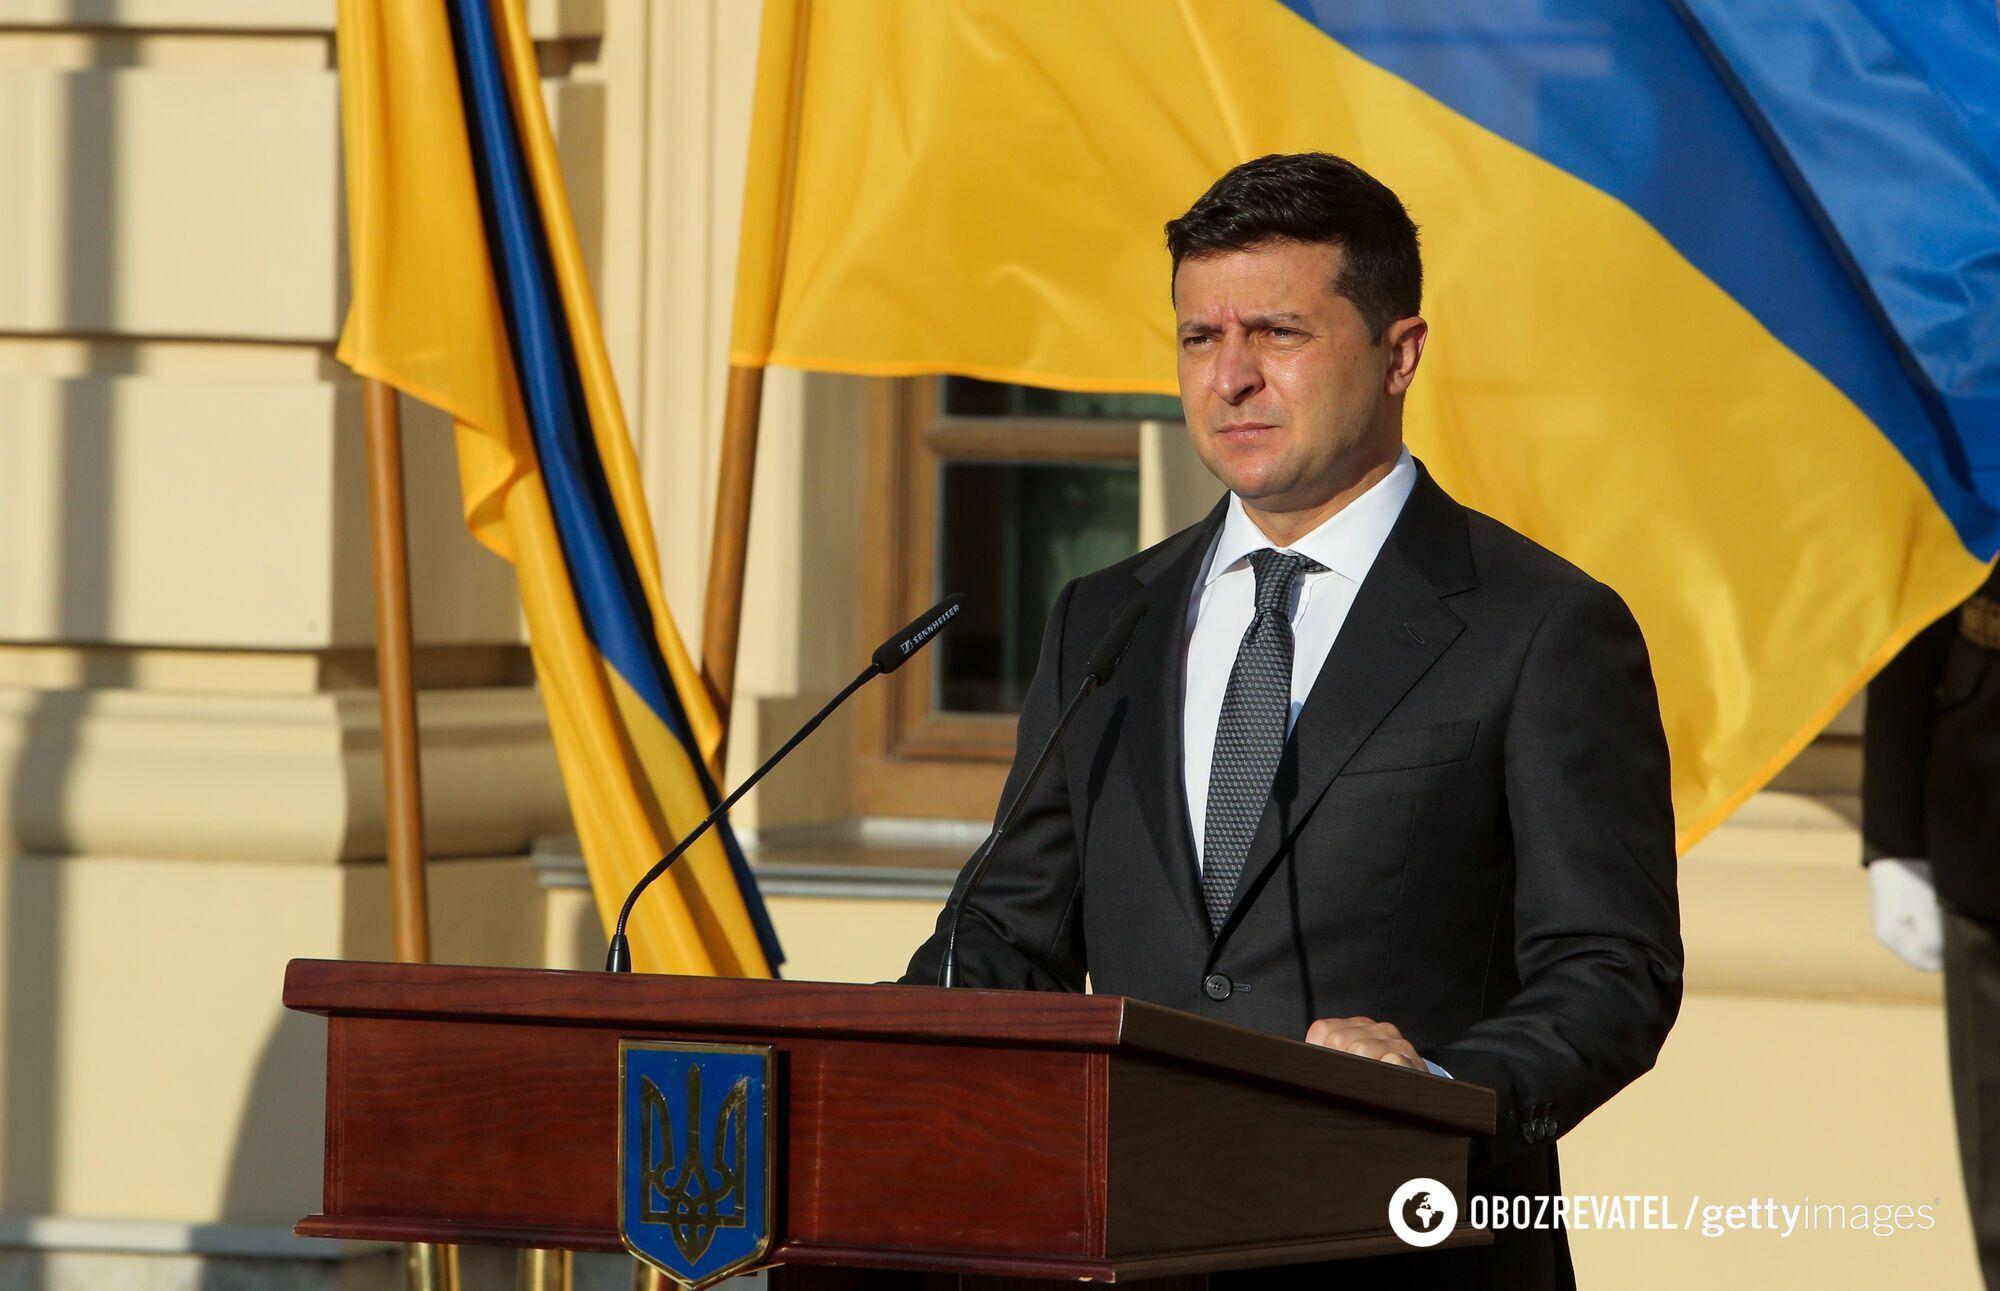 Російський істеблішмент не покидає надія домовитися вже не з президентом України Володимиром Зеленським, а з українським олігархатом